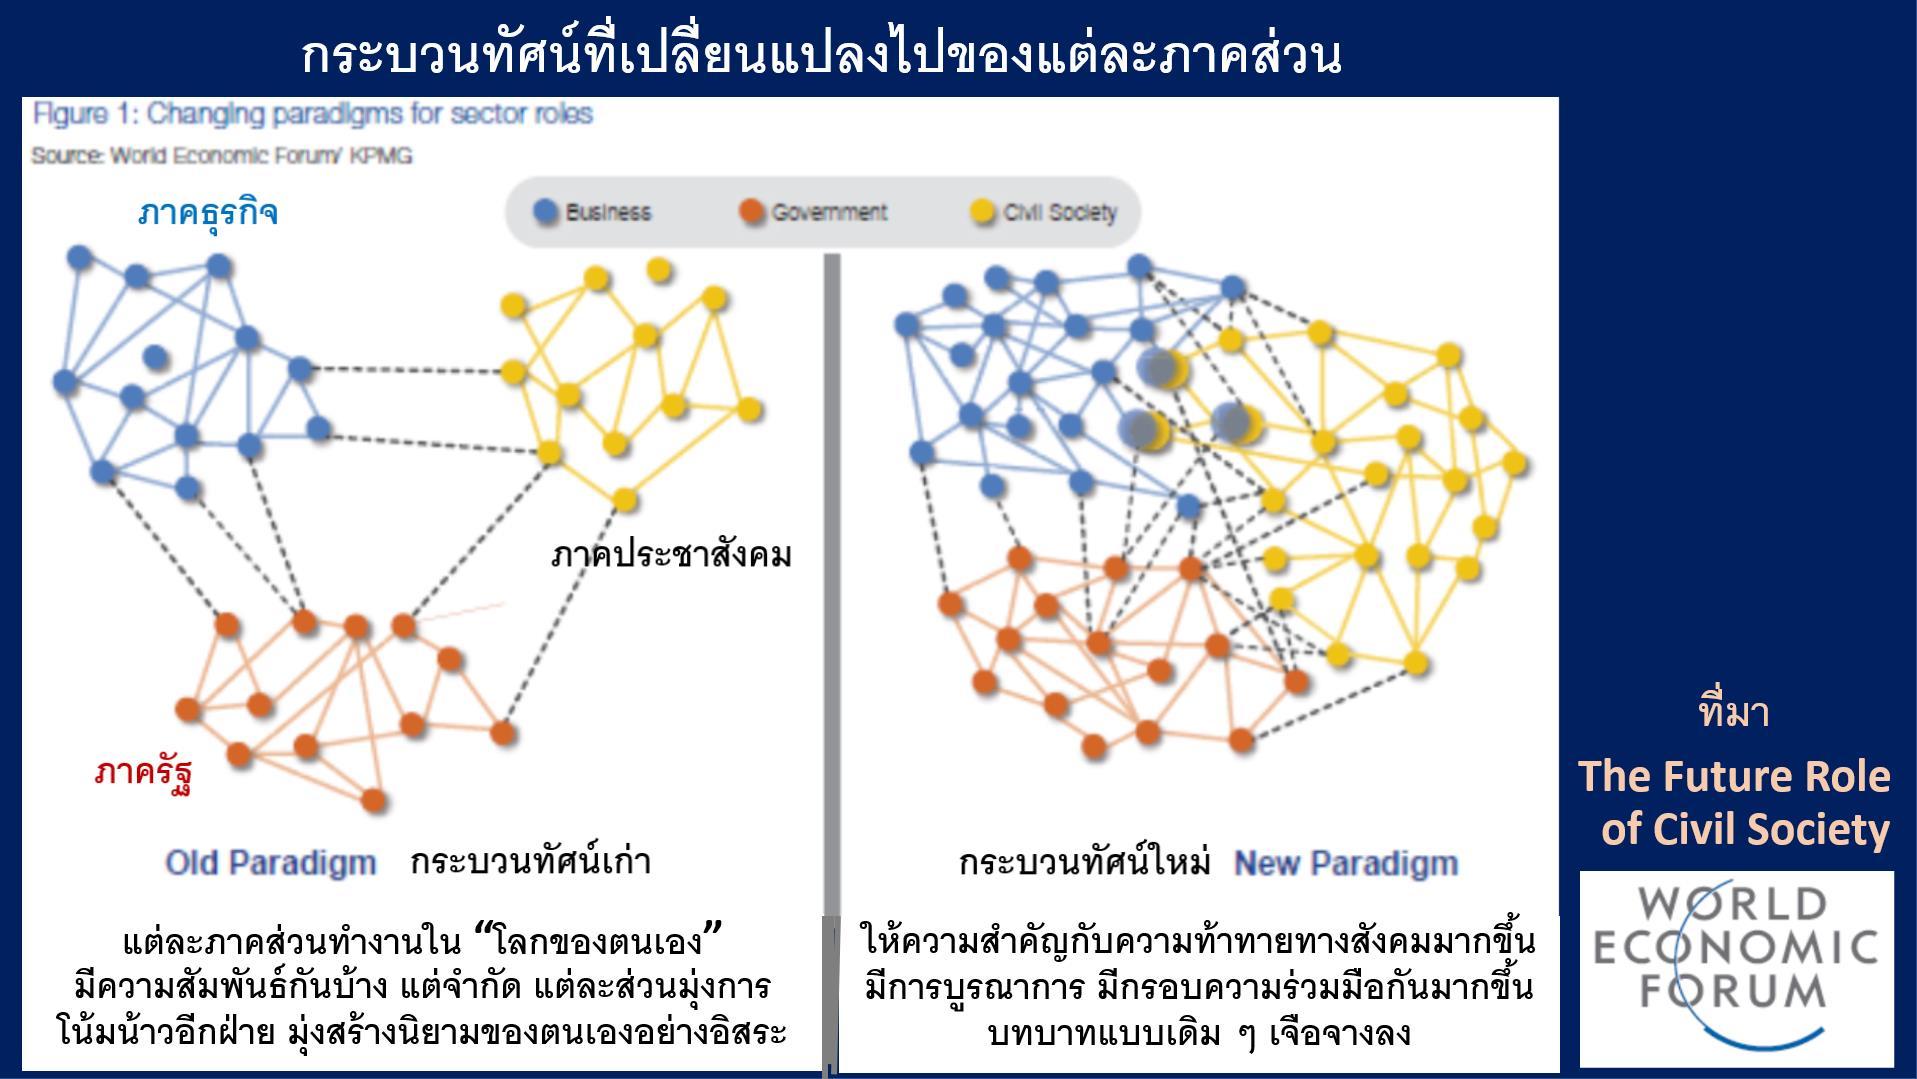 ภาคประชาสังคมกับอนาคตประเทศไทย : ความคาดหวังและความท้าทาย